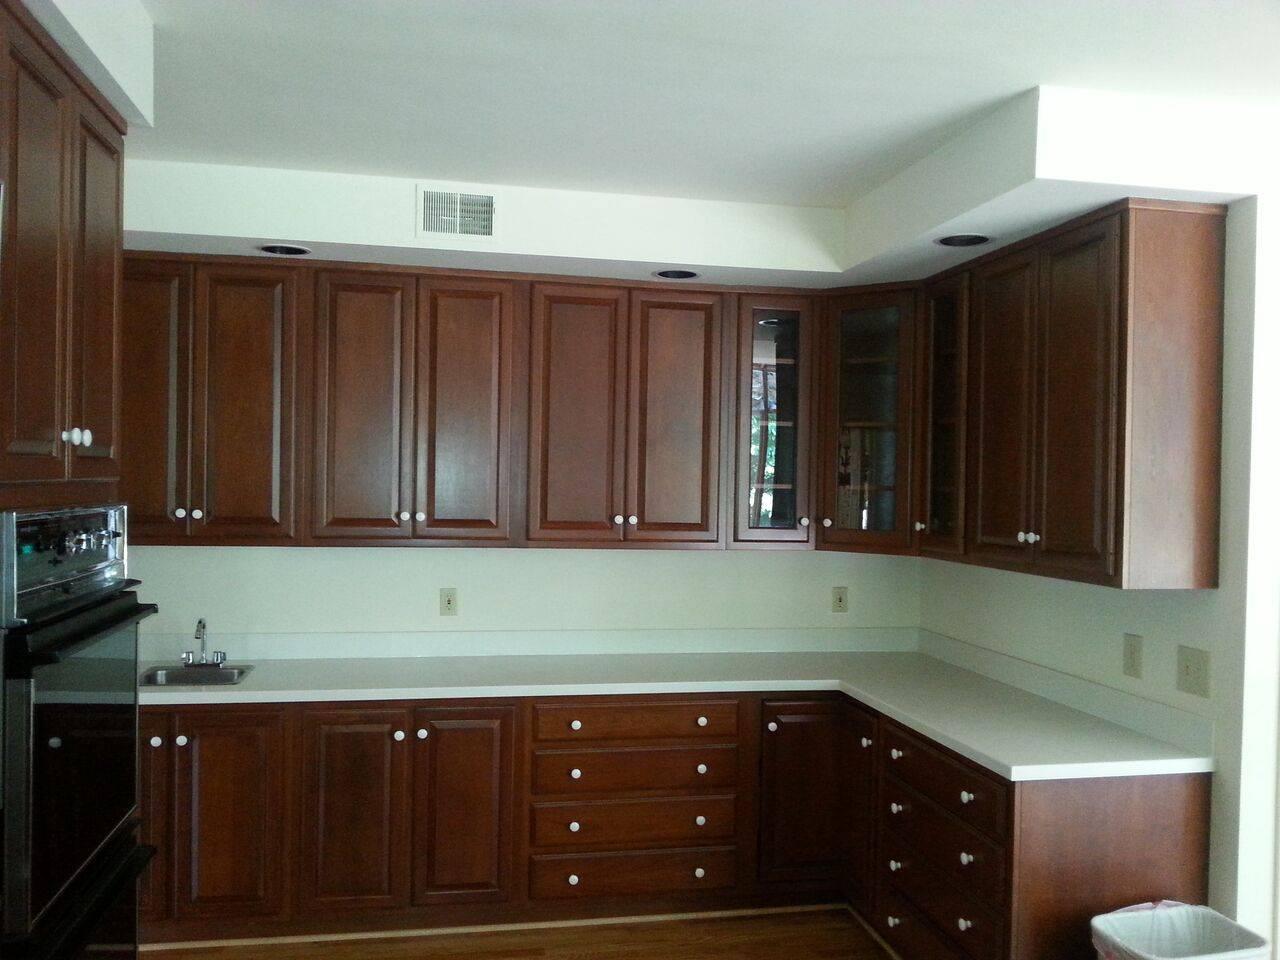 Modern Kitchen-Hazelnut cabinets